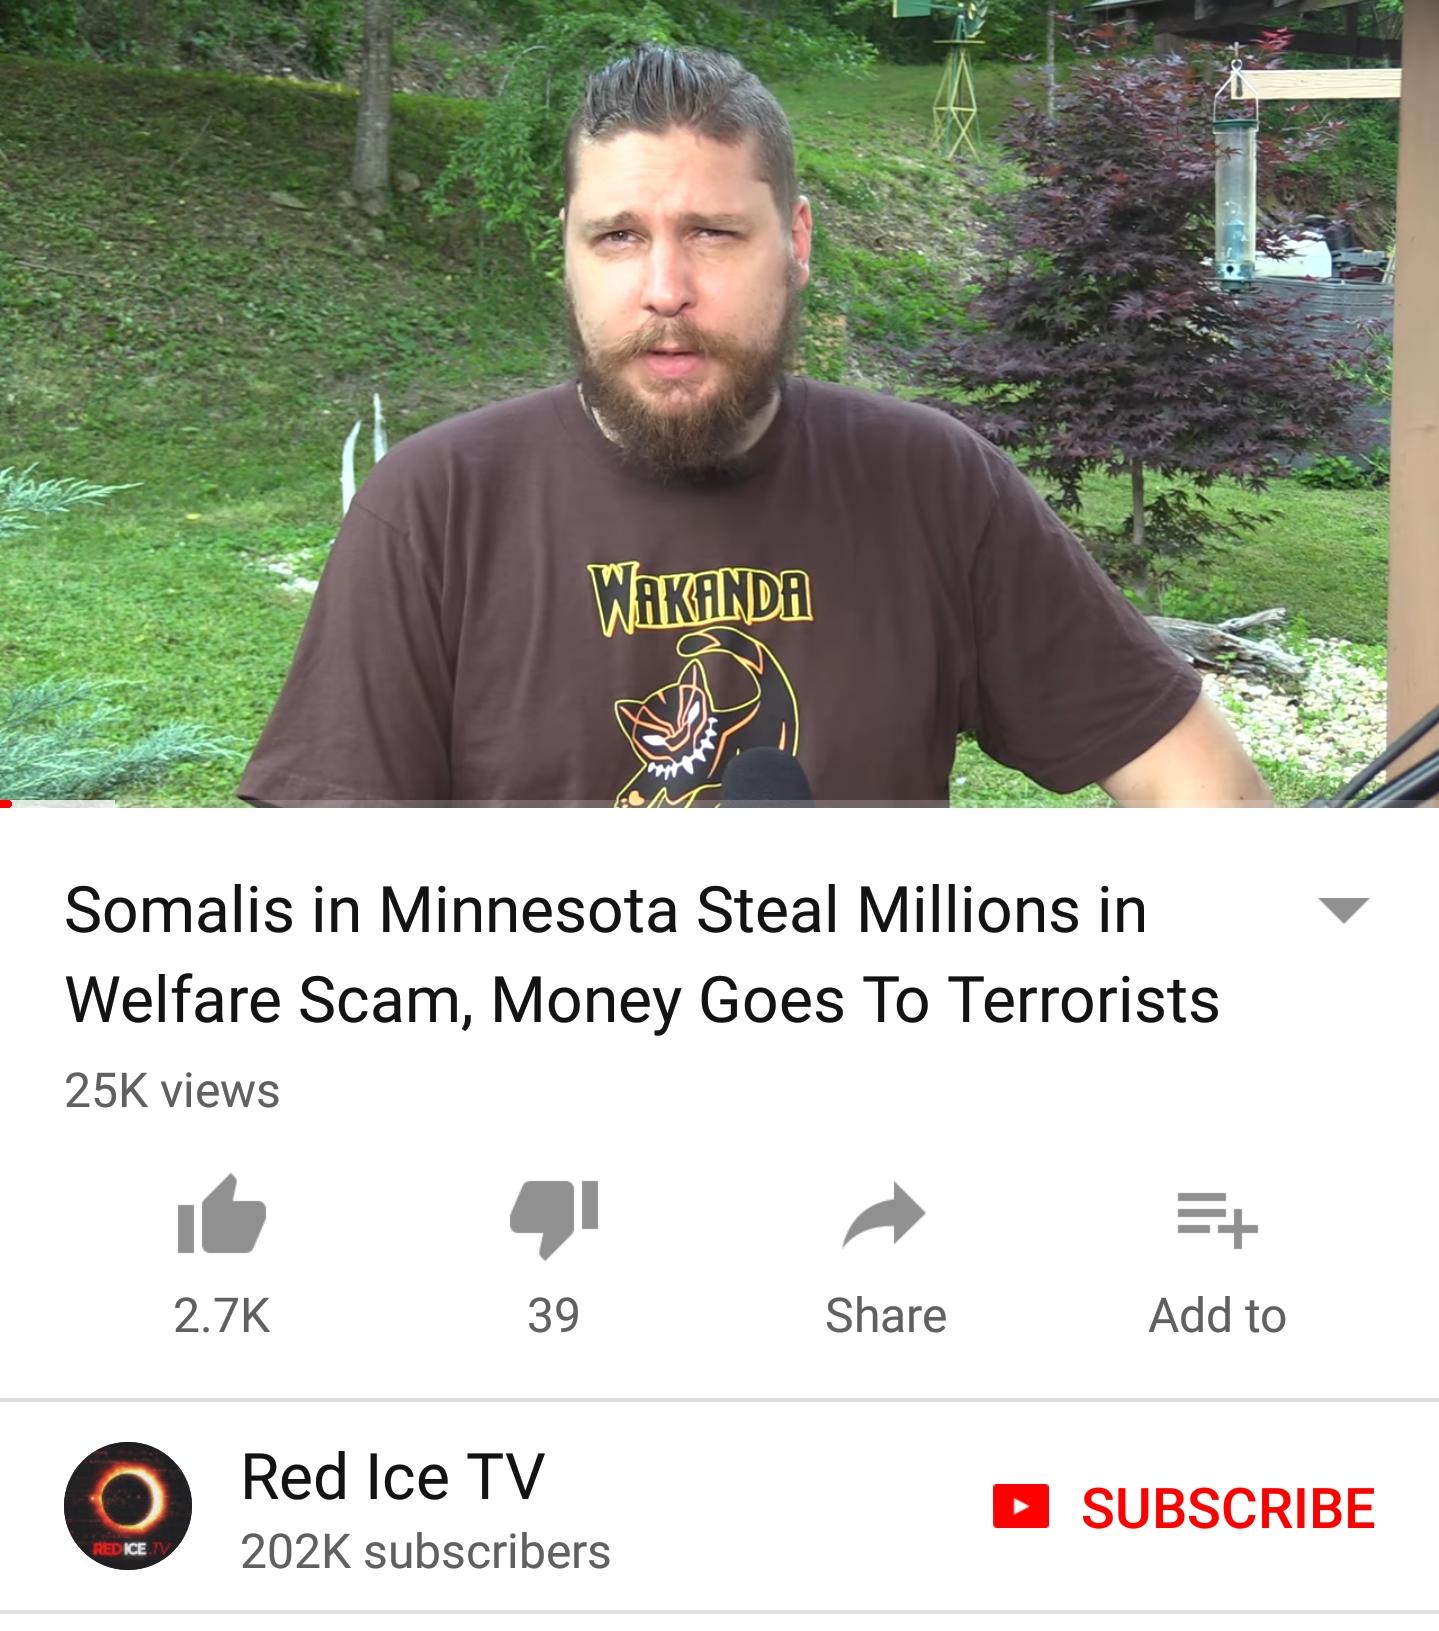 Minnesota Somali Welfare